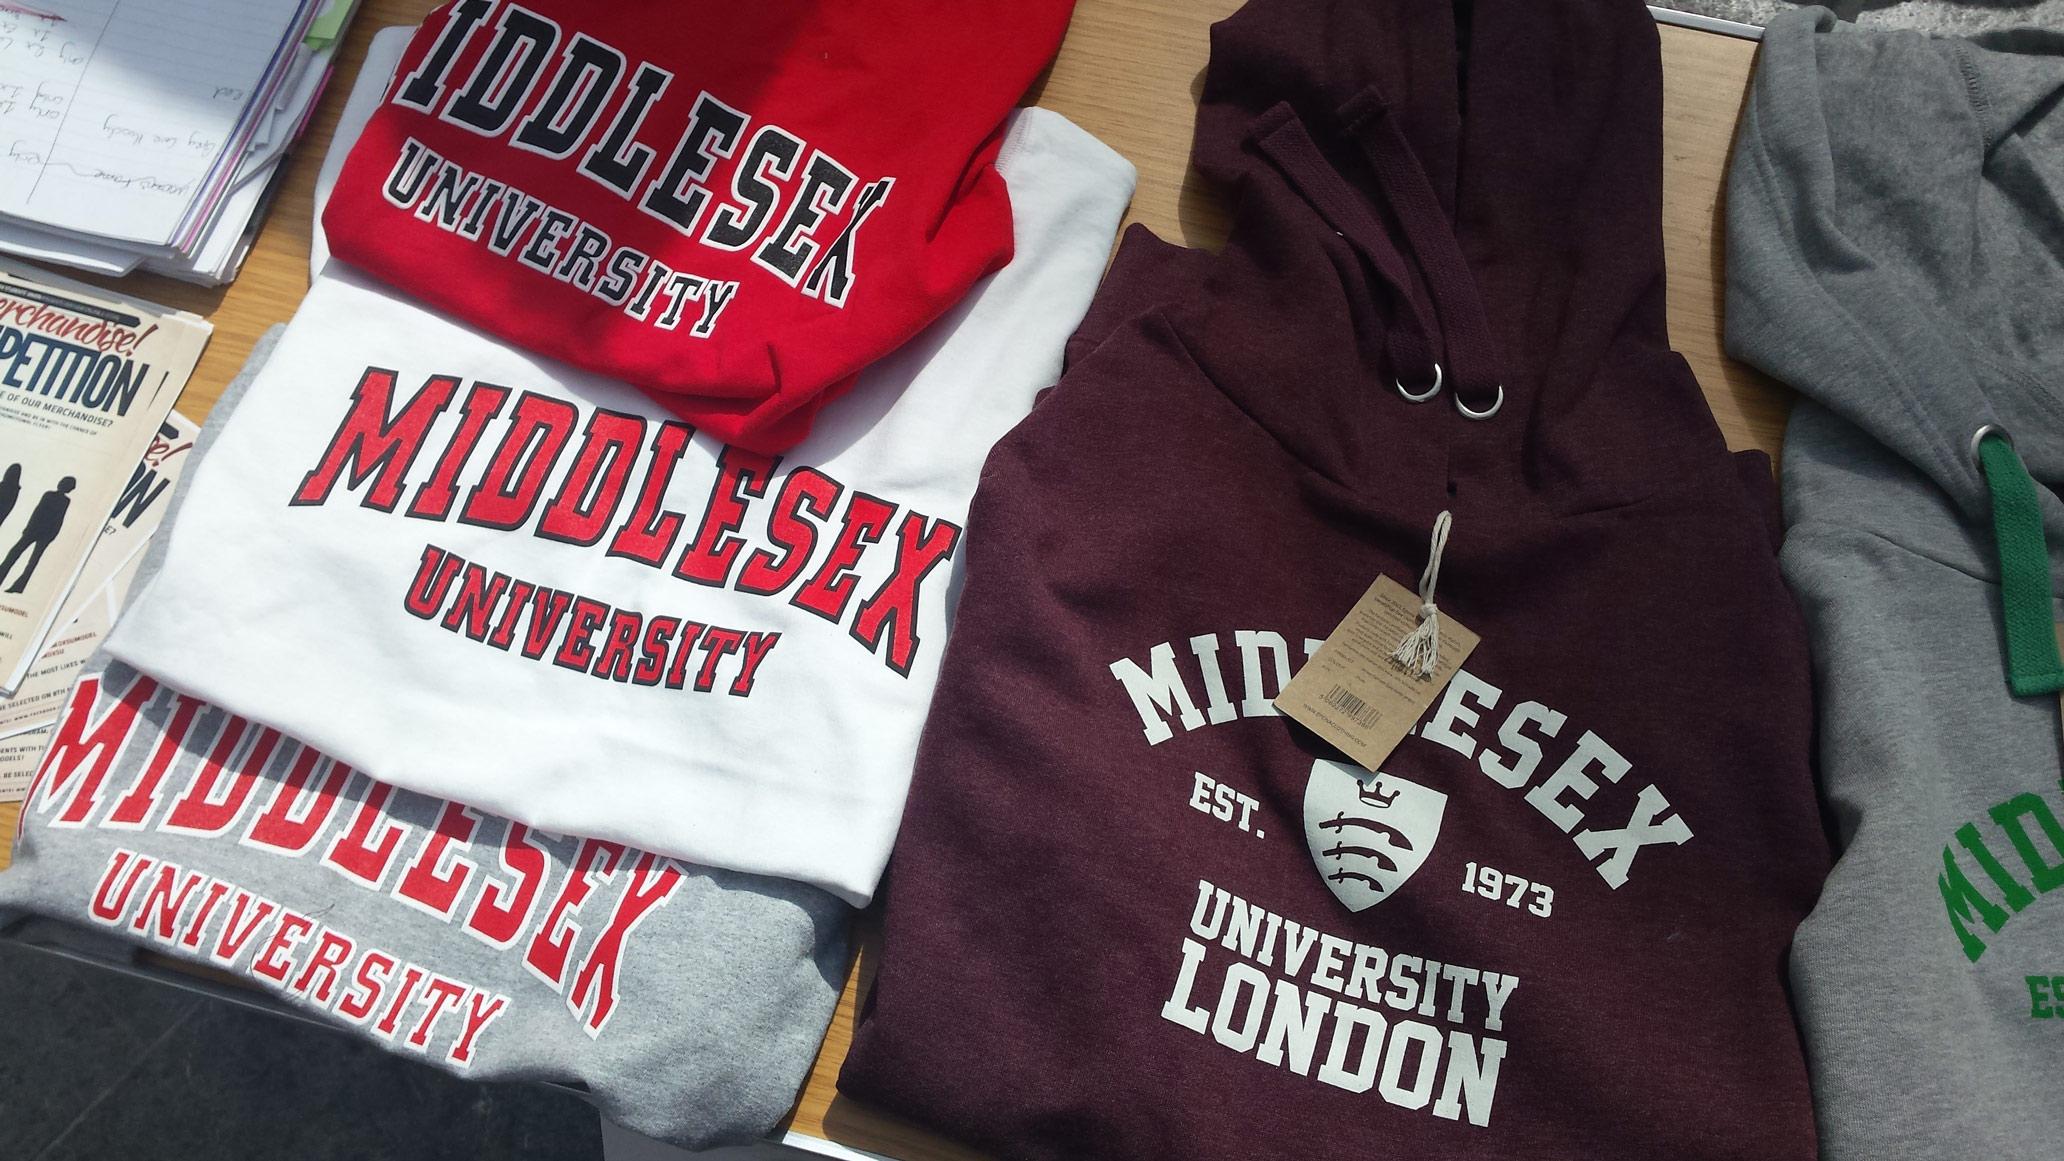 middlesex-university-ingiltere-egitim-5.jpg